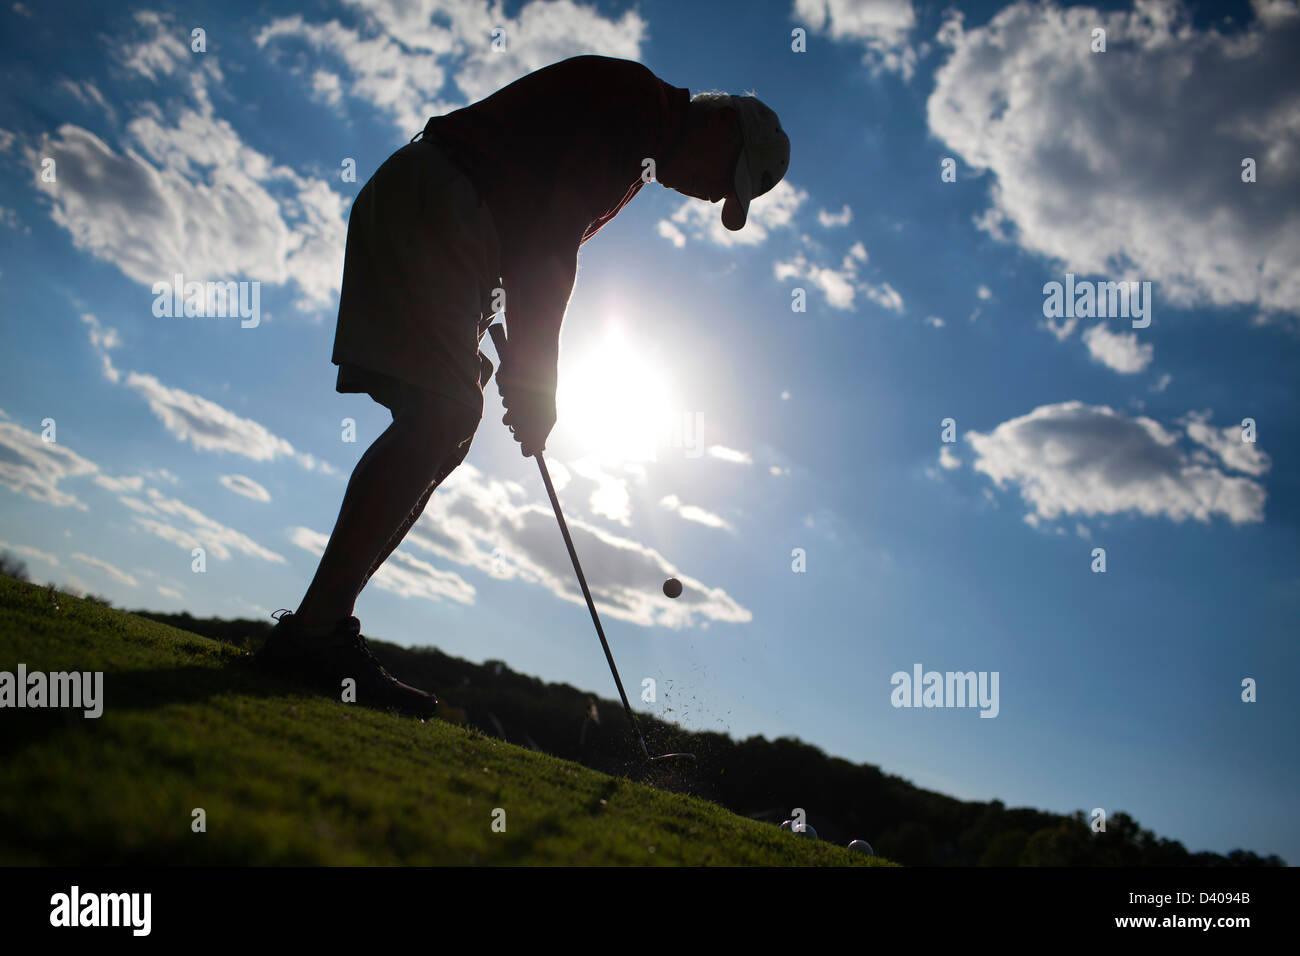 Un golfista senior parcelas en una zona verde en el campo de prácticas de golf. Imagen De Stock